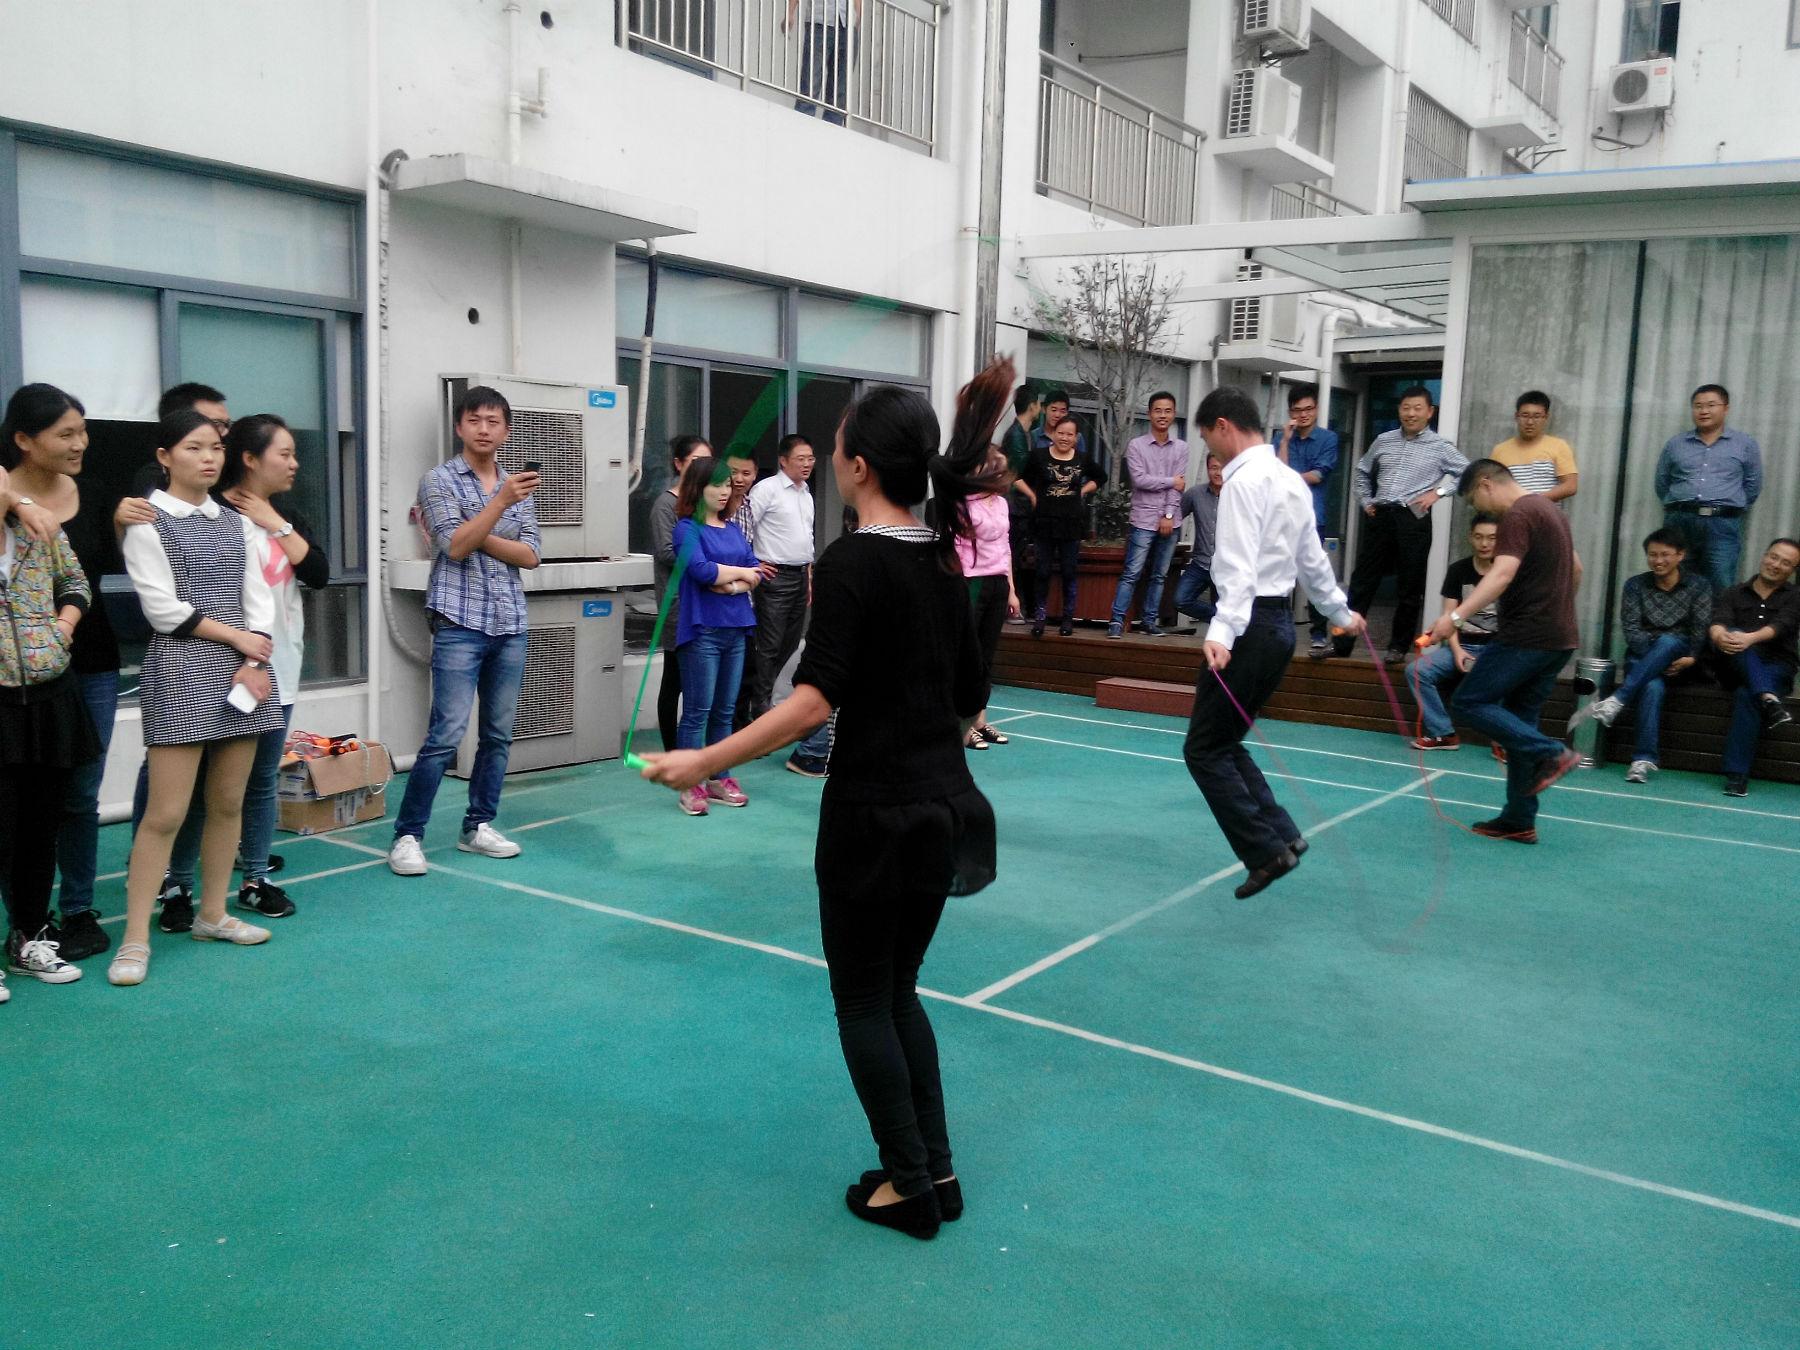 江苏汇诚投资咨询管理有限公司工会组织2014年度跳绳比赛